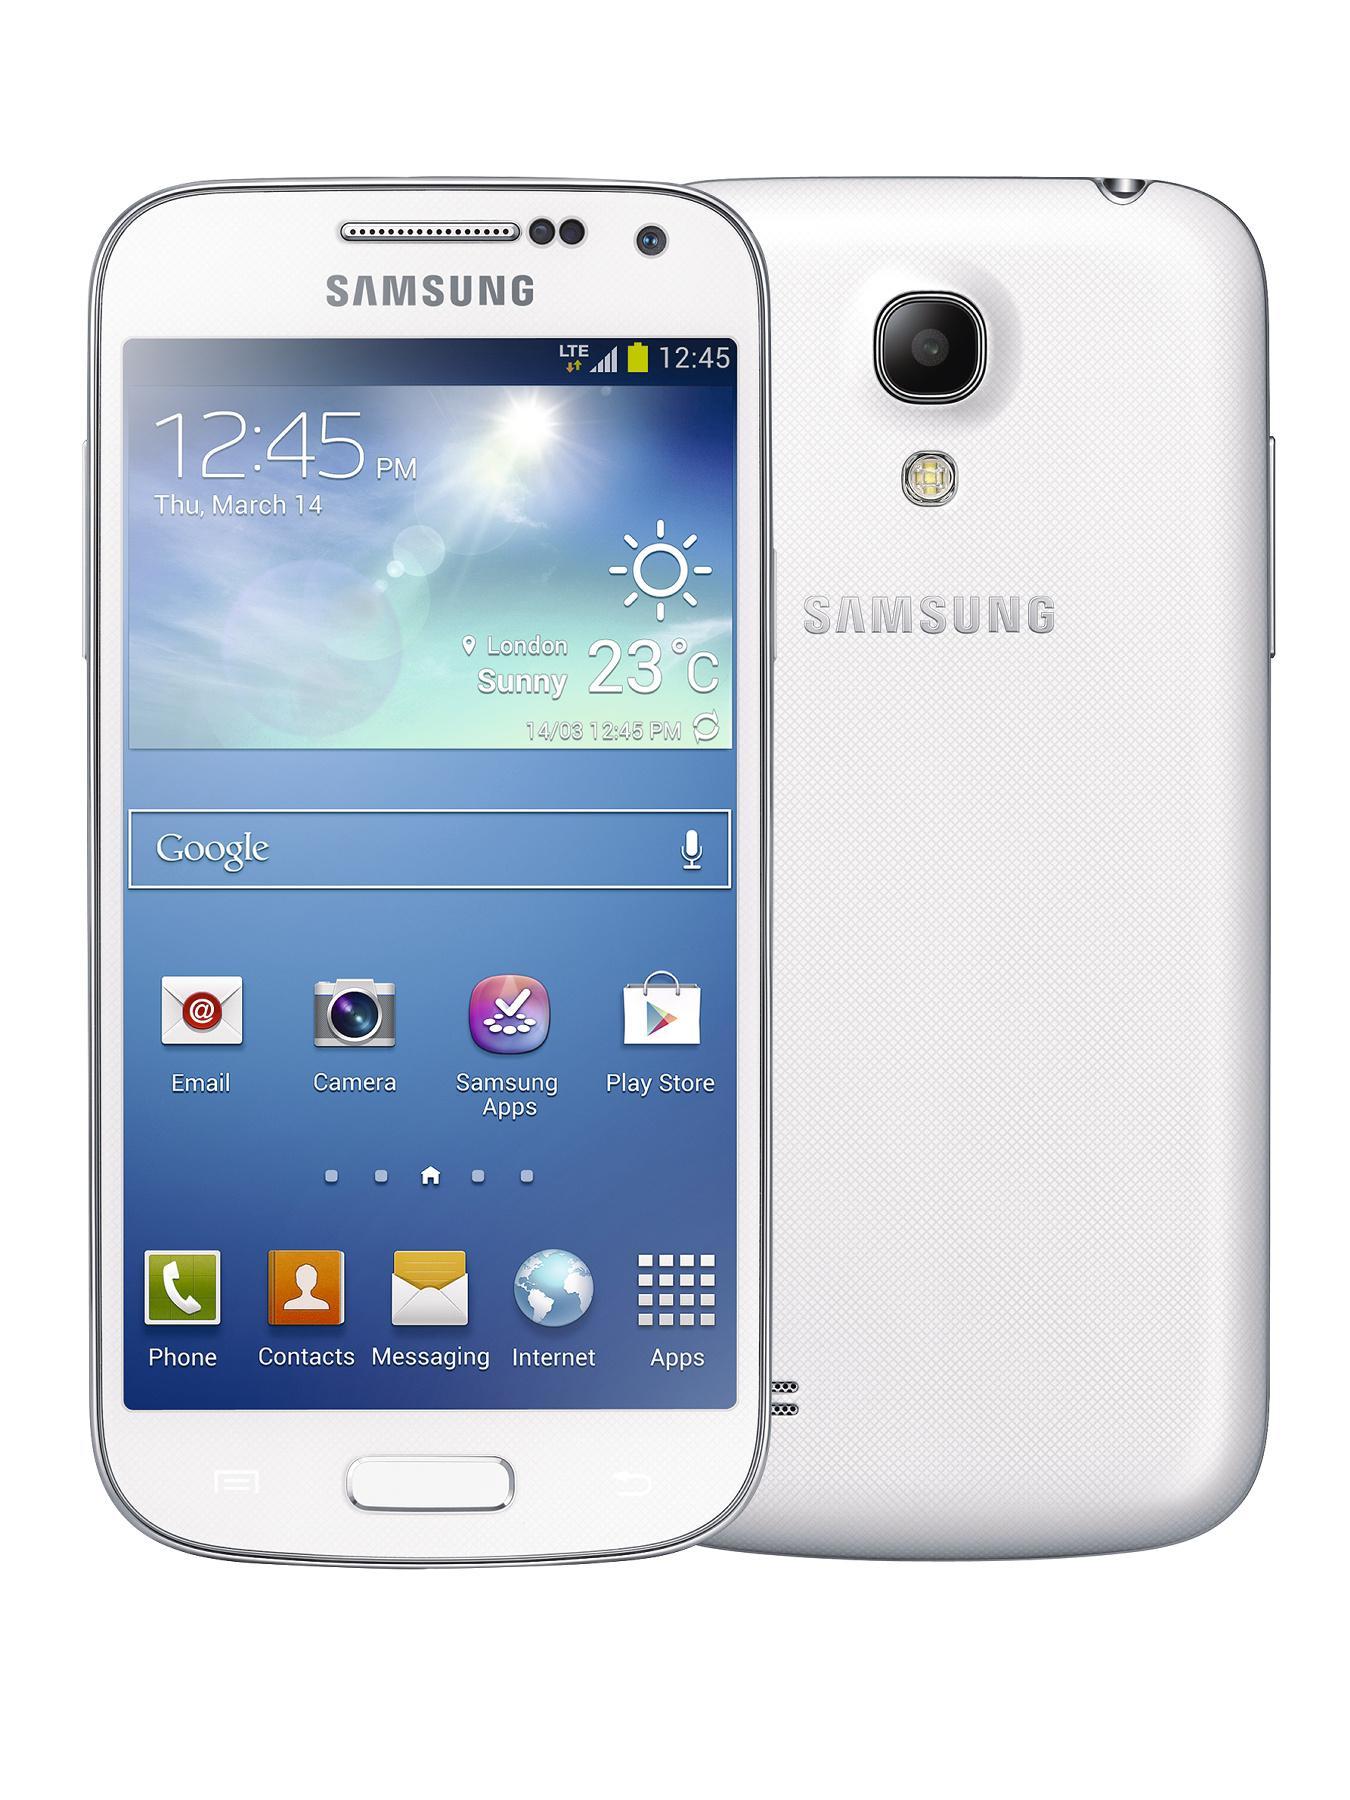 Galaxy S4 Mini 4.3 inch Smartphone - White Frost, White